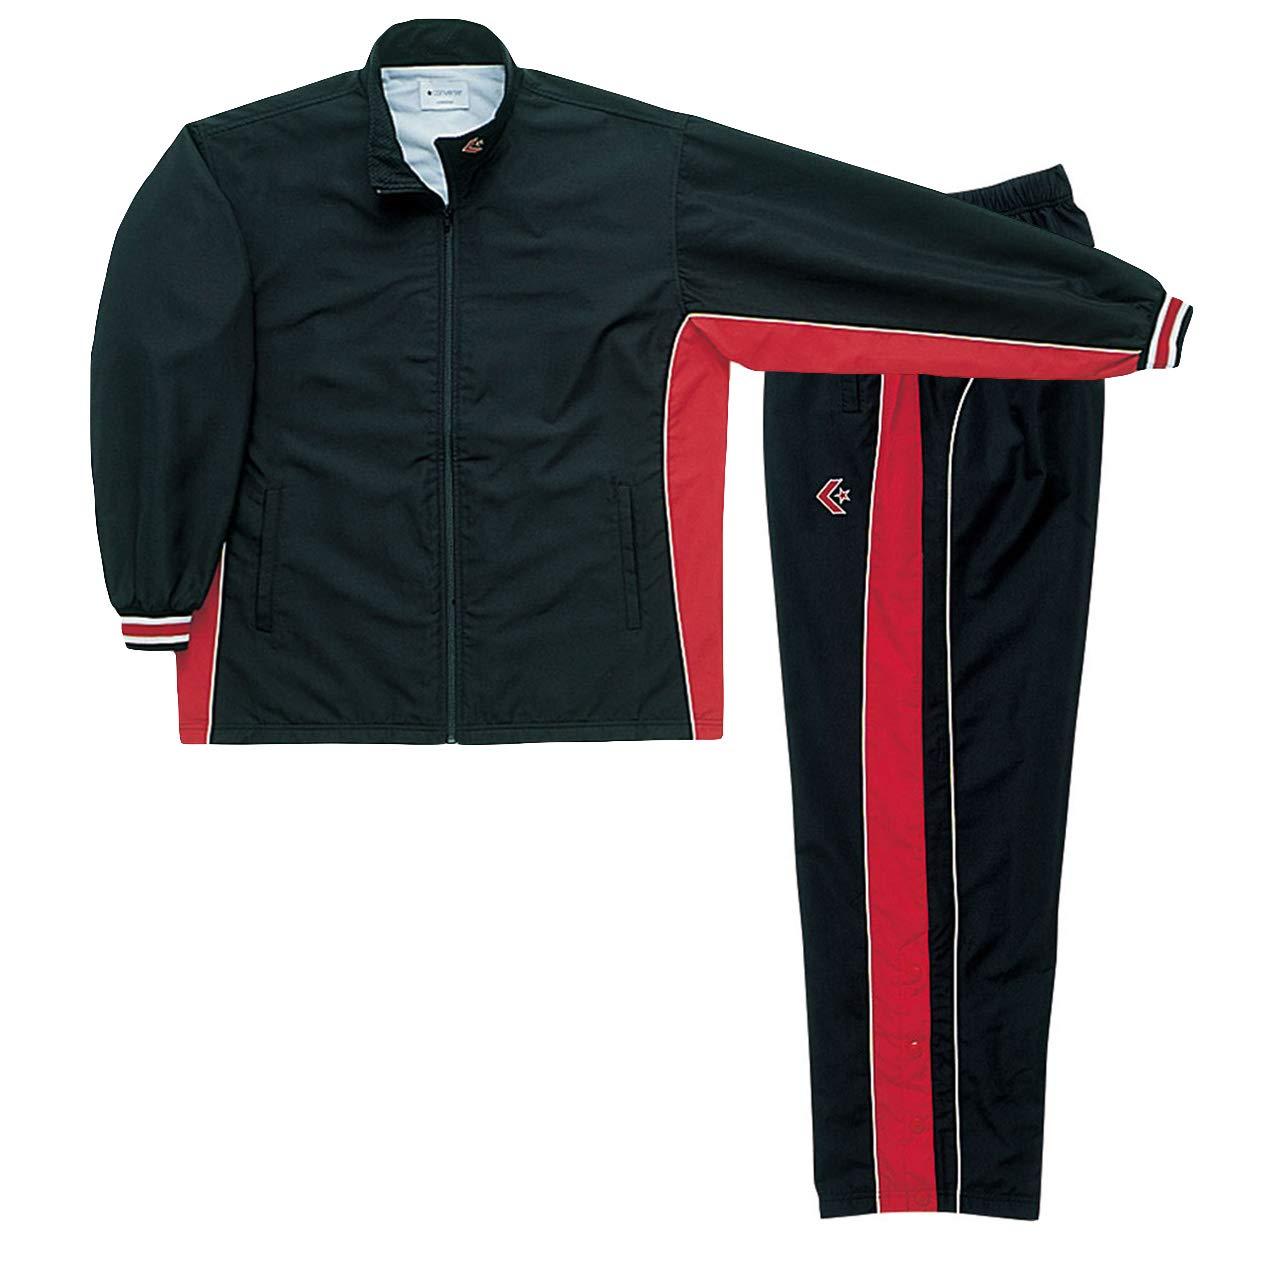 コンバース(converse) ウォームアップジャケット&パンツ(裾ボタン) 上下セット(ブラックレッド/ブラックレッド) CB182102S-1964-CB182112P-1964 B07HFQ9VPF ブラックレッド XO